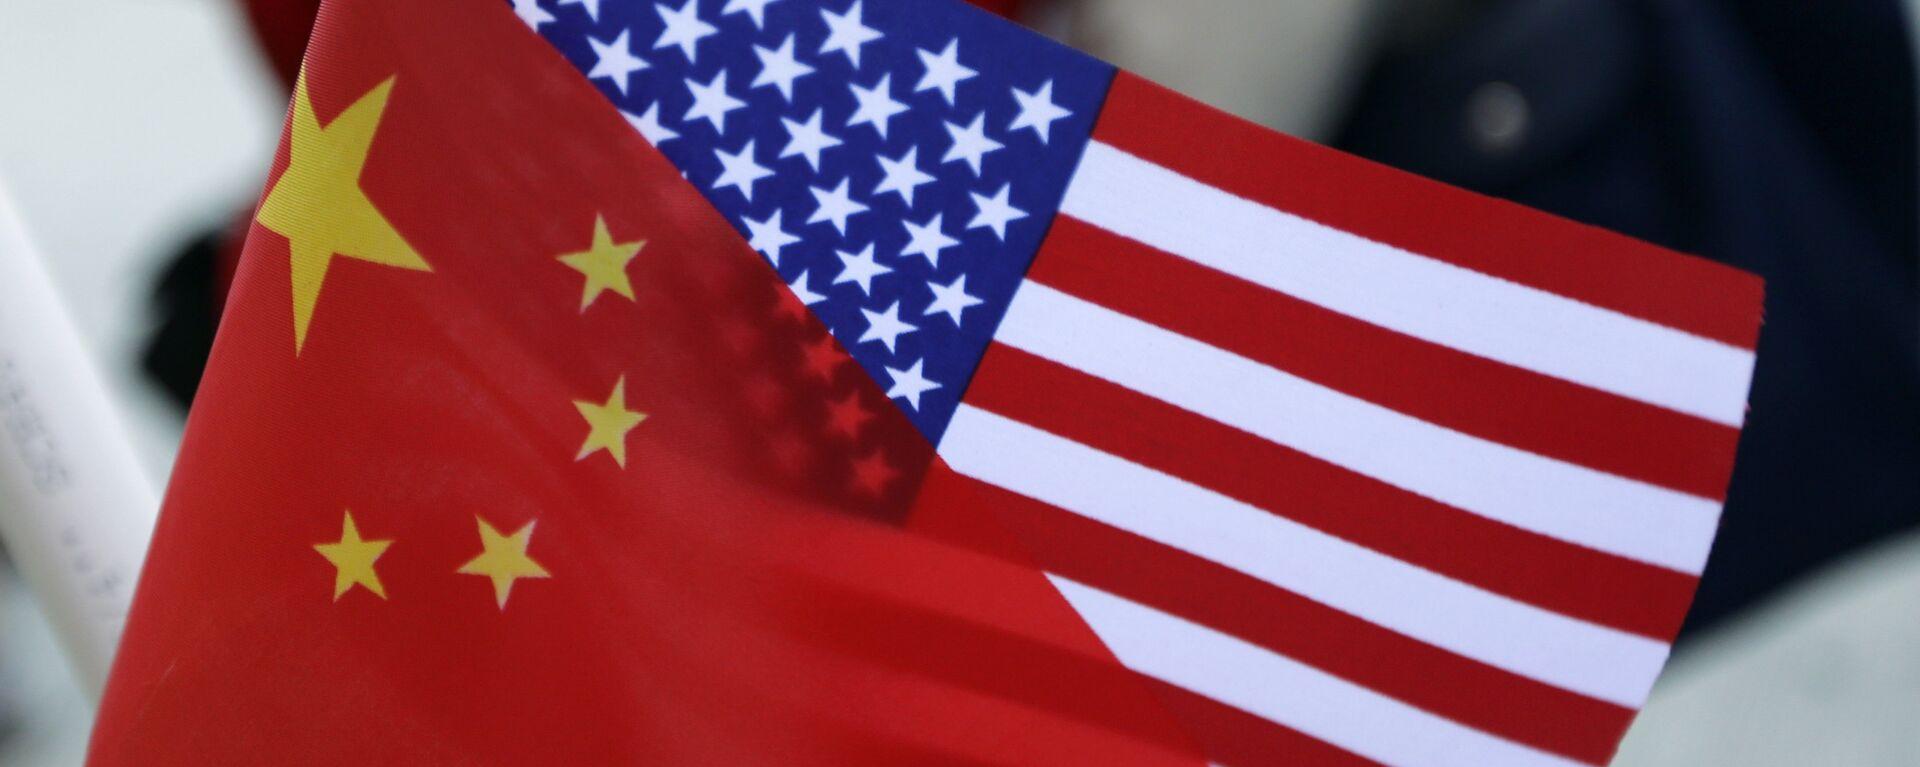 Banderas de China y EEUU - Sputnik Mundo, 1920, 28.05.2021